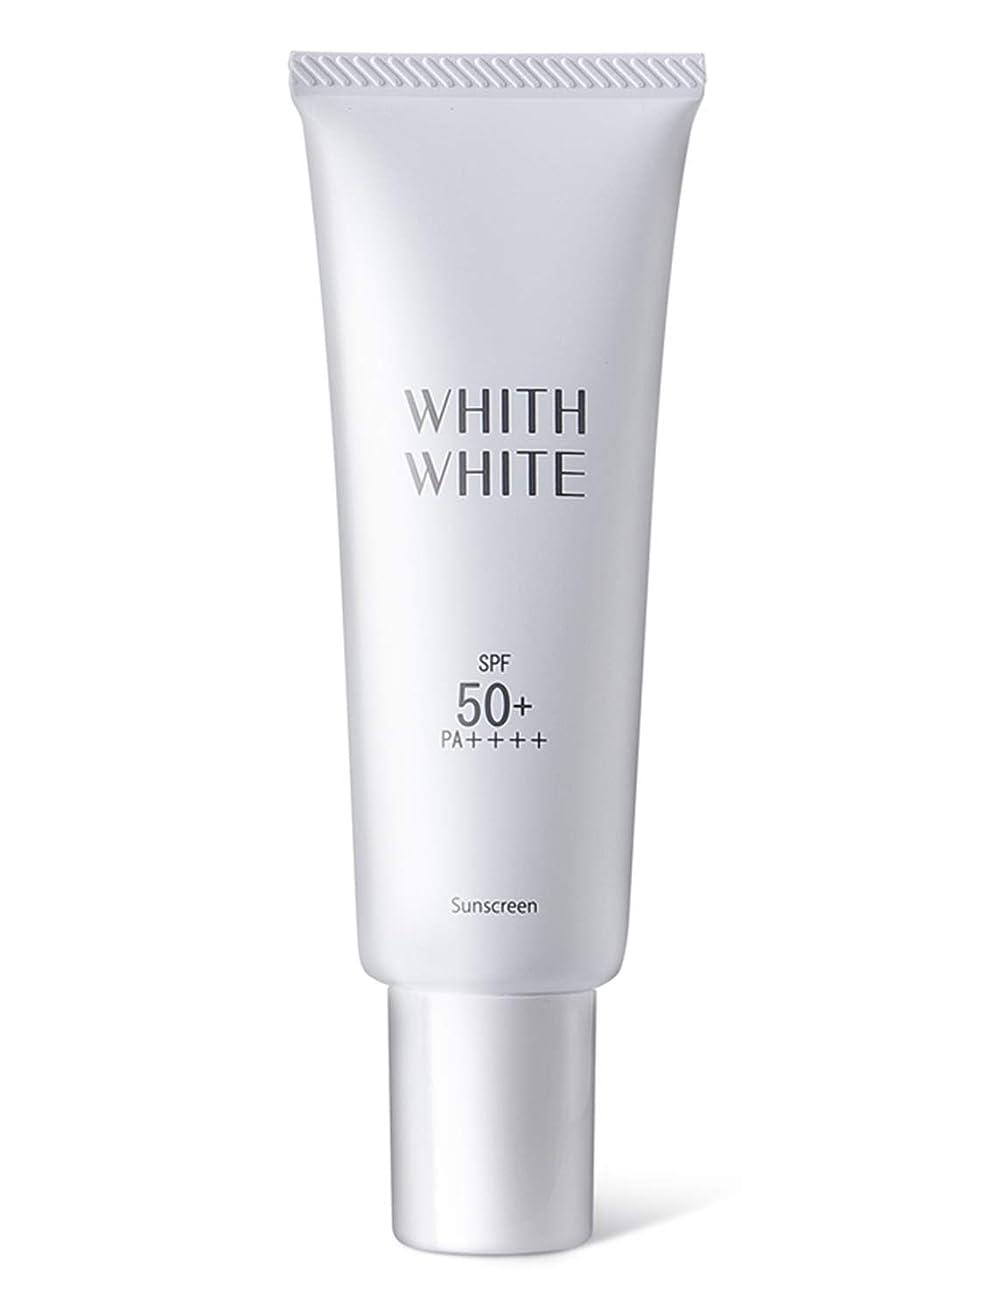 比率放射性重要な役割を果たす、中心的な手段となる【UVケア SPF50 + PA ++++ 】 フィス ホワイト 日焼け止め クリーム 「 コラーゲン ヒアルロン酸 配合」50g